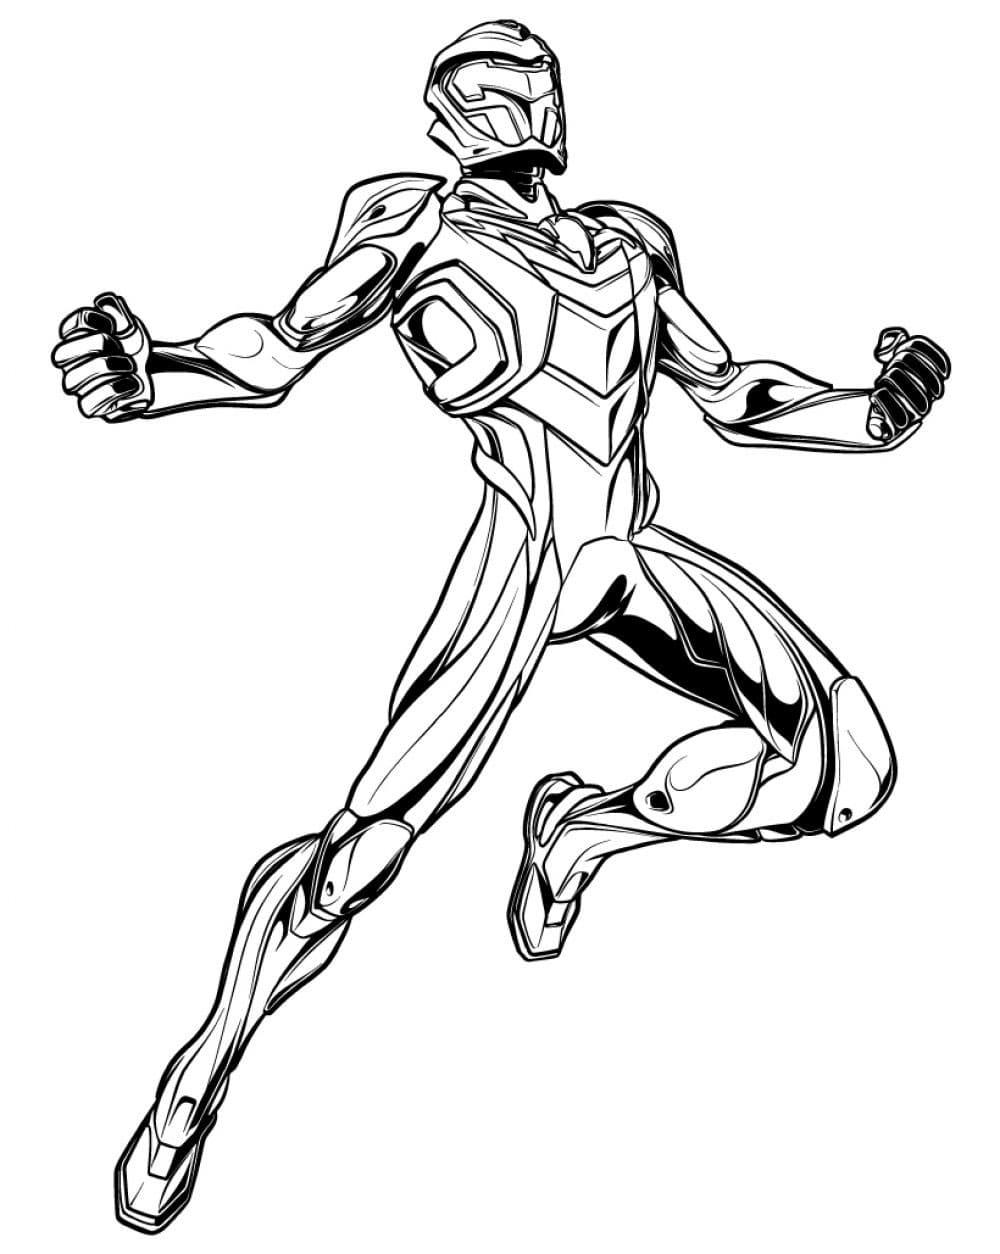 Раскраска Супергерой Макс Стил